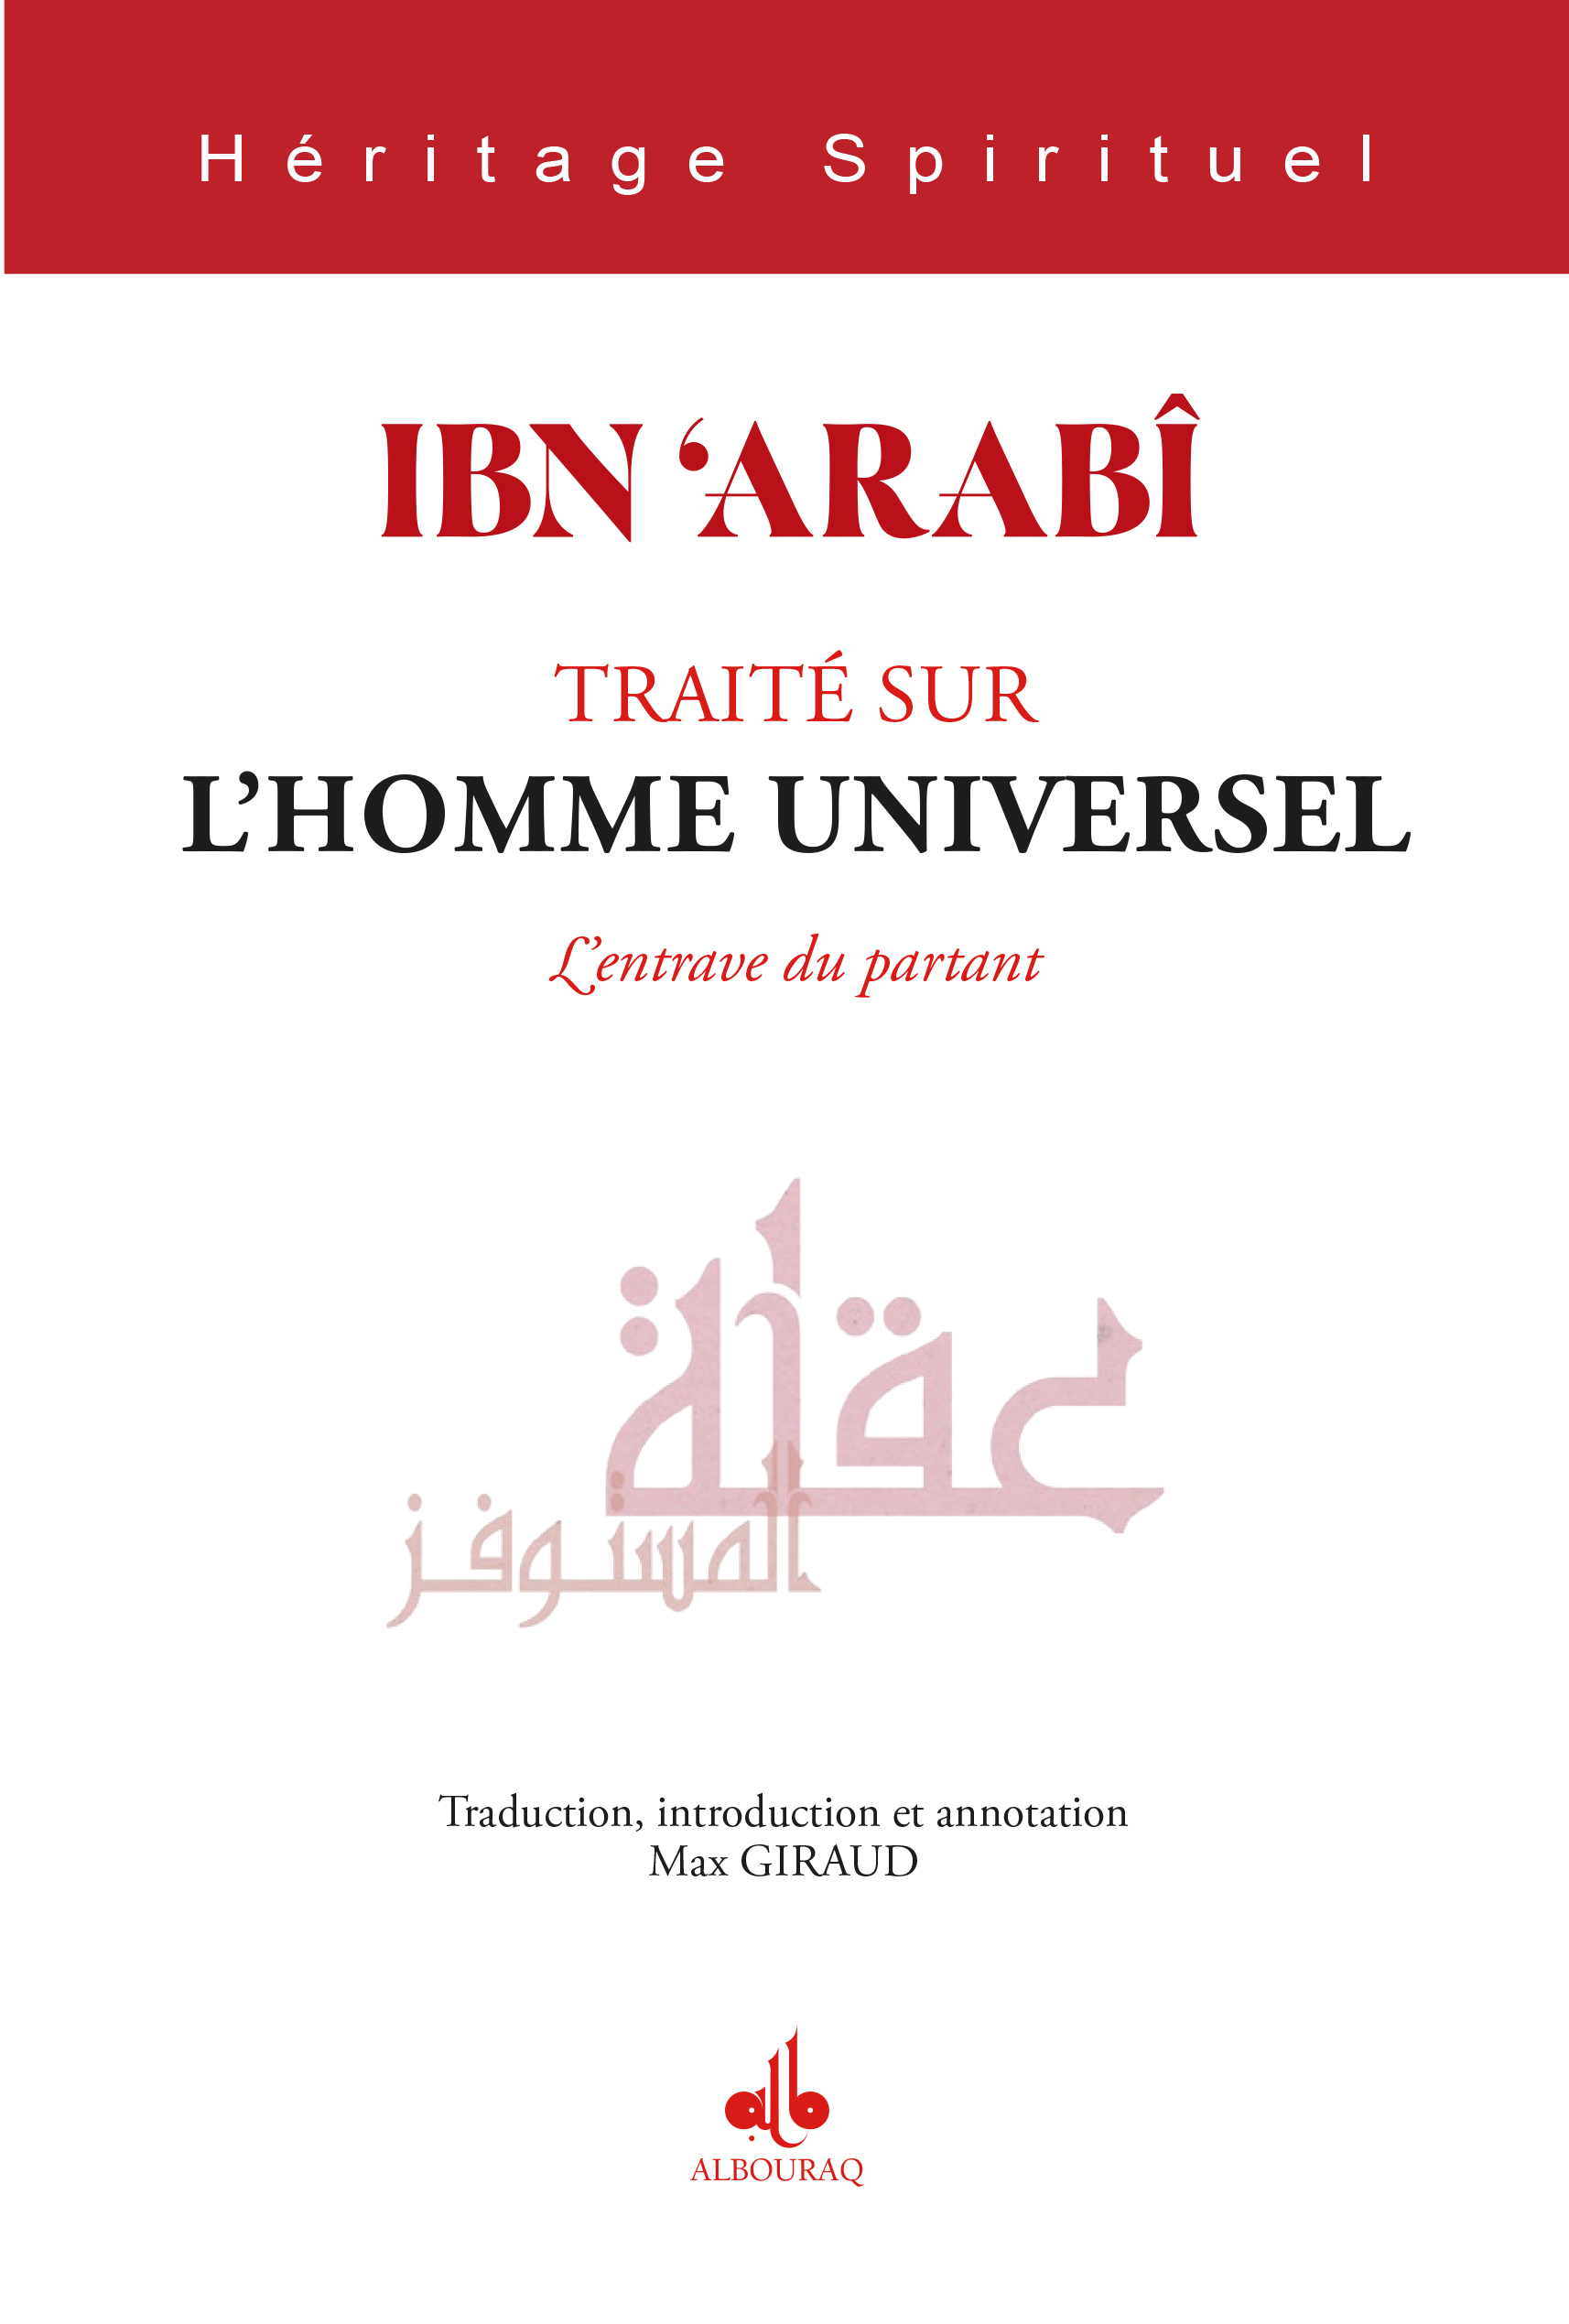 TRAITE SUR L HOMME UNIVERSEL: L'ENTRAVE DU PARTANT